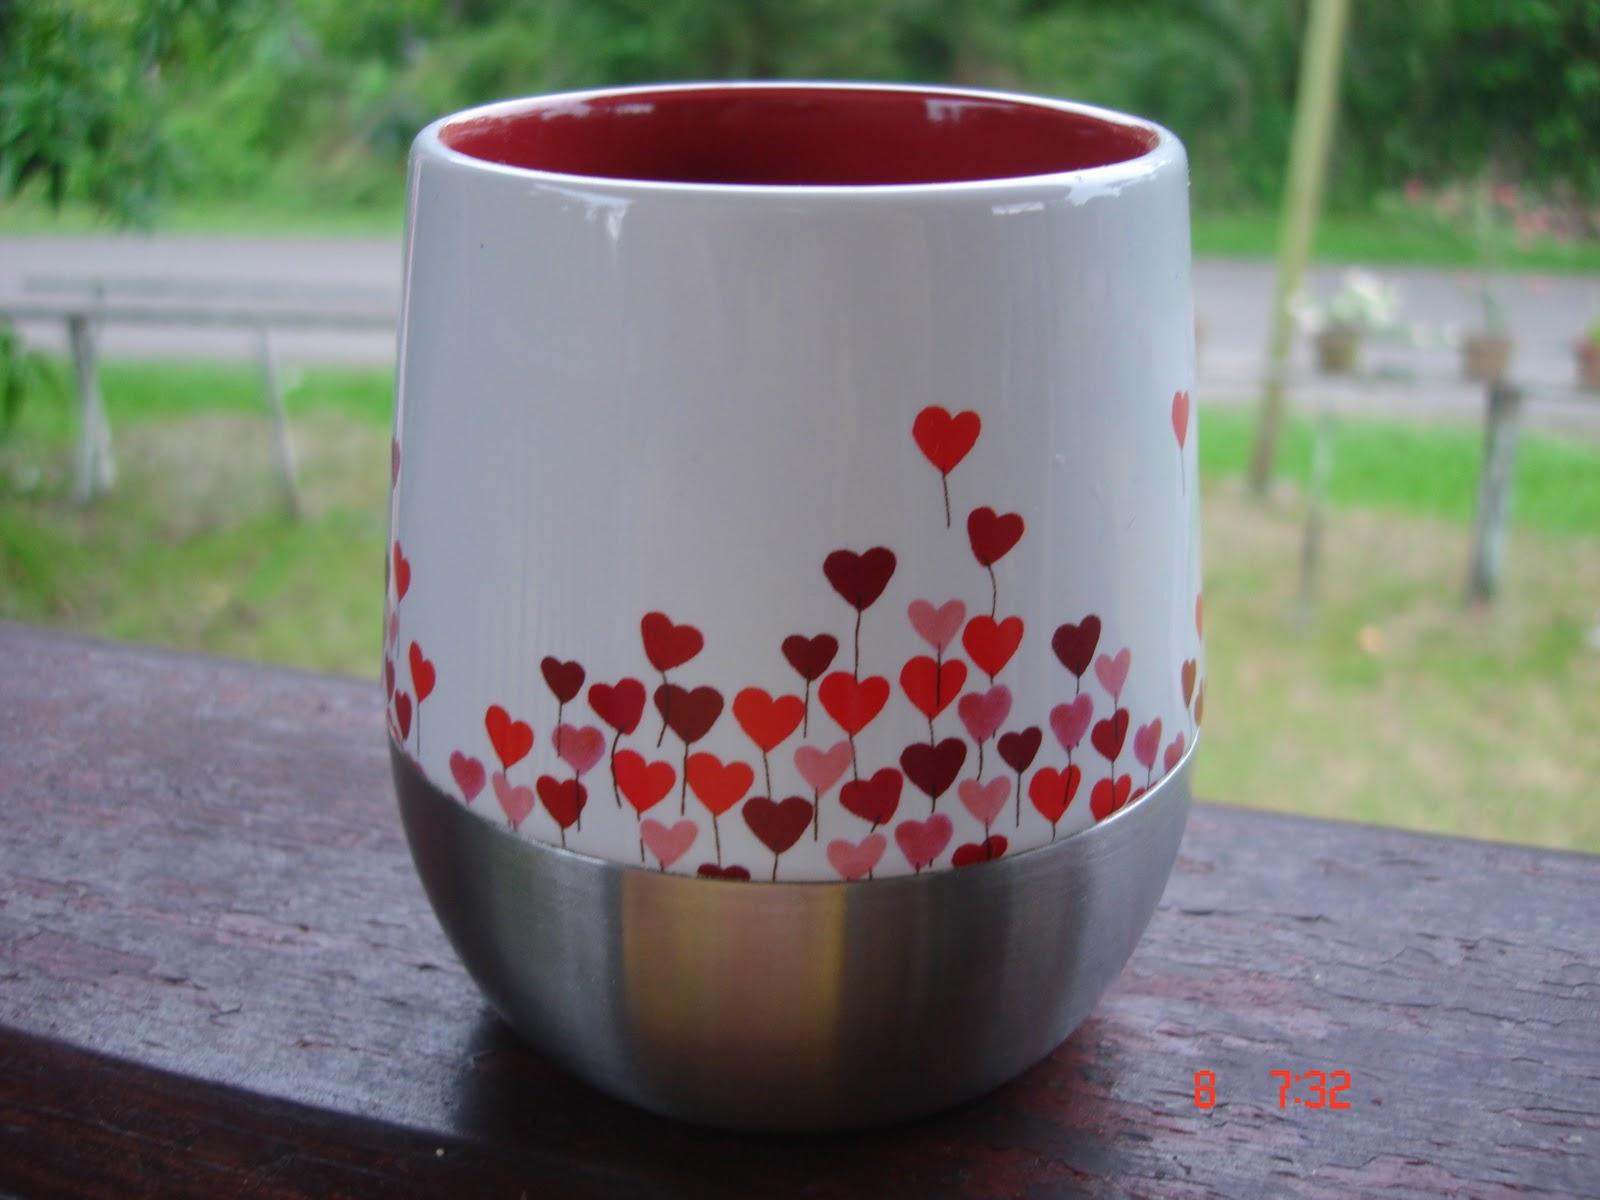 Schön 2007 Valentine Starbucks Rising Heart Mug With Stainless Steel Base